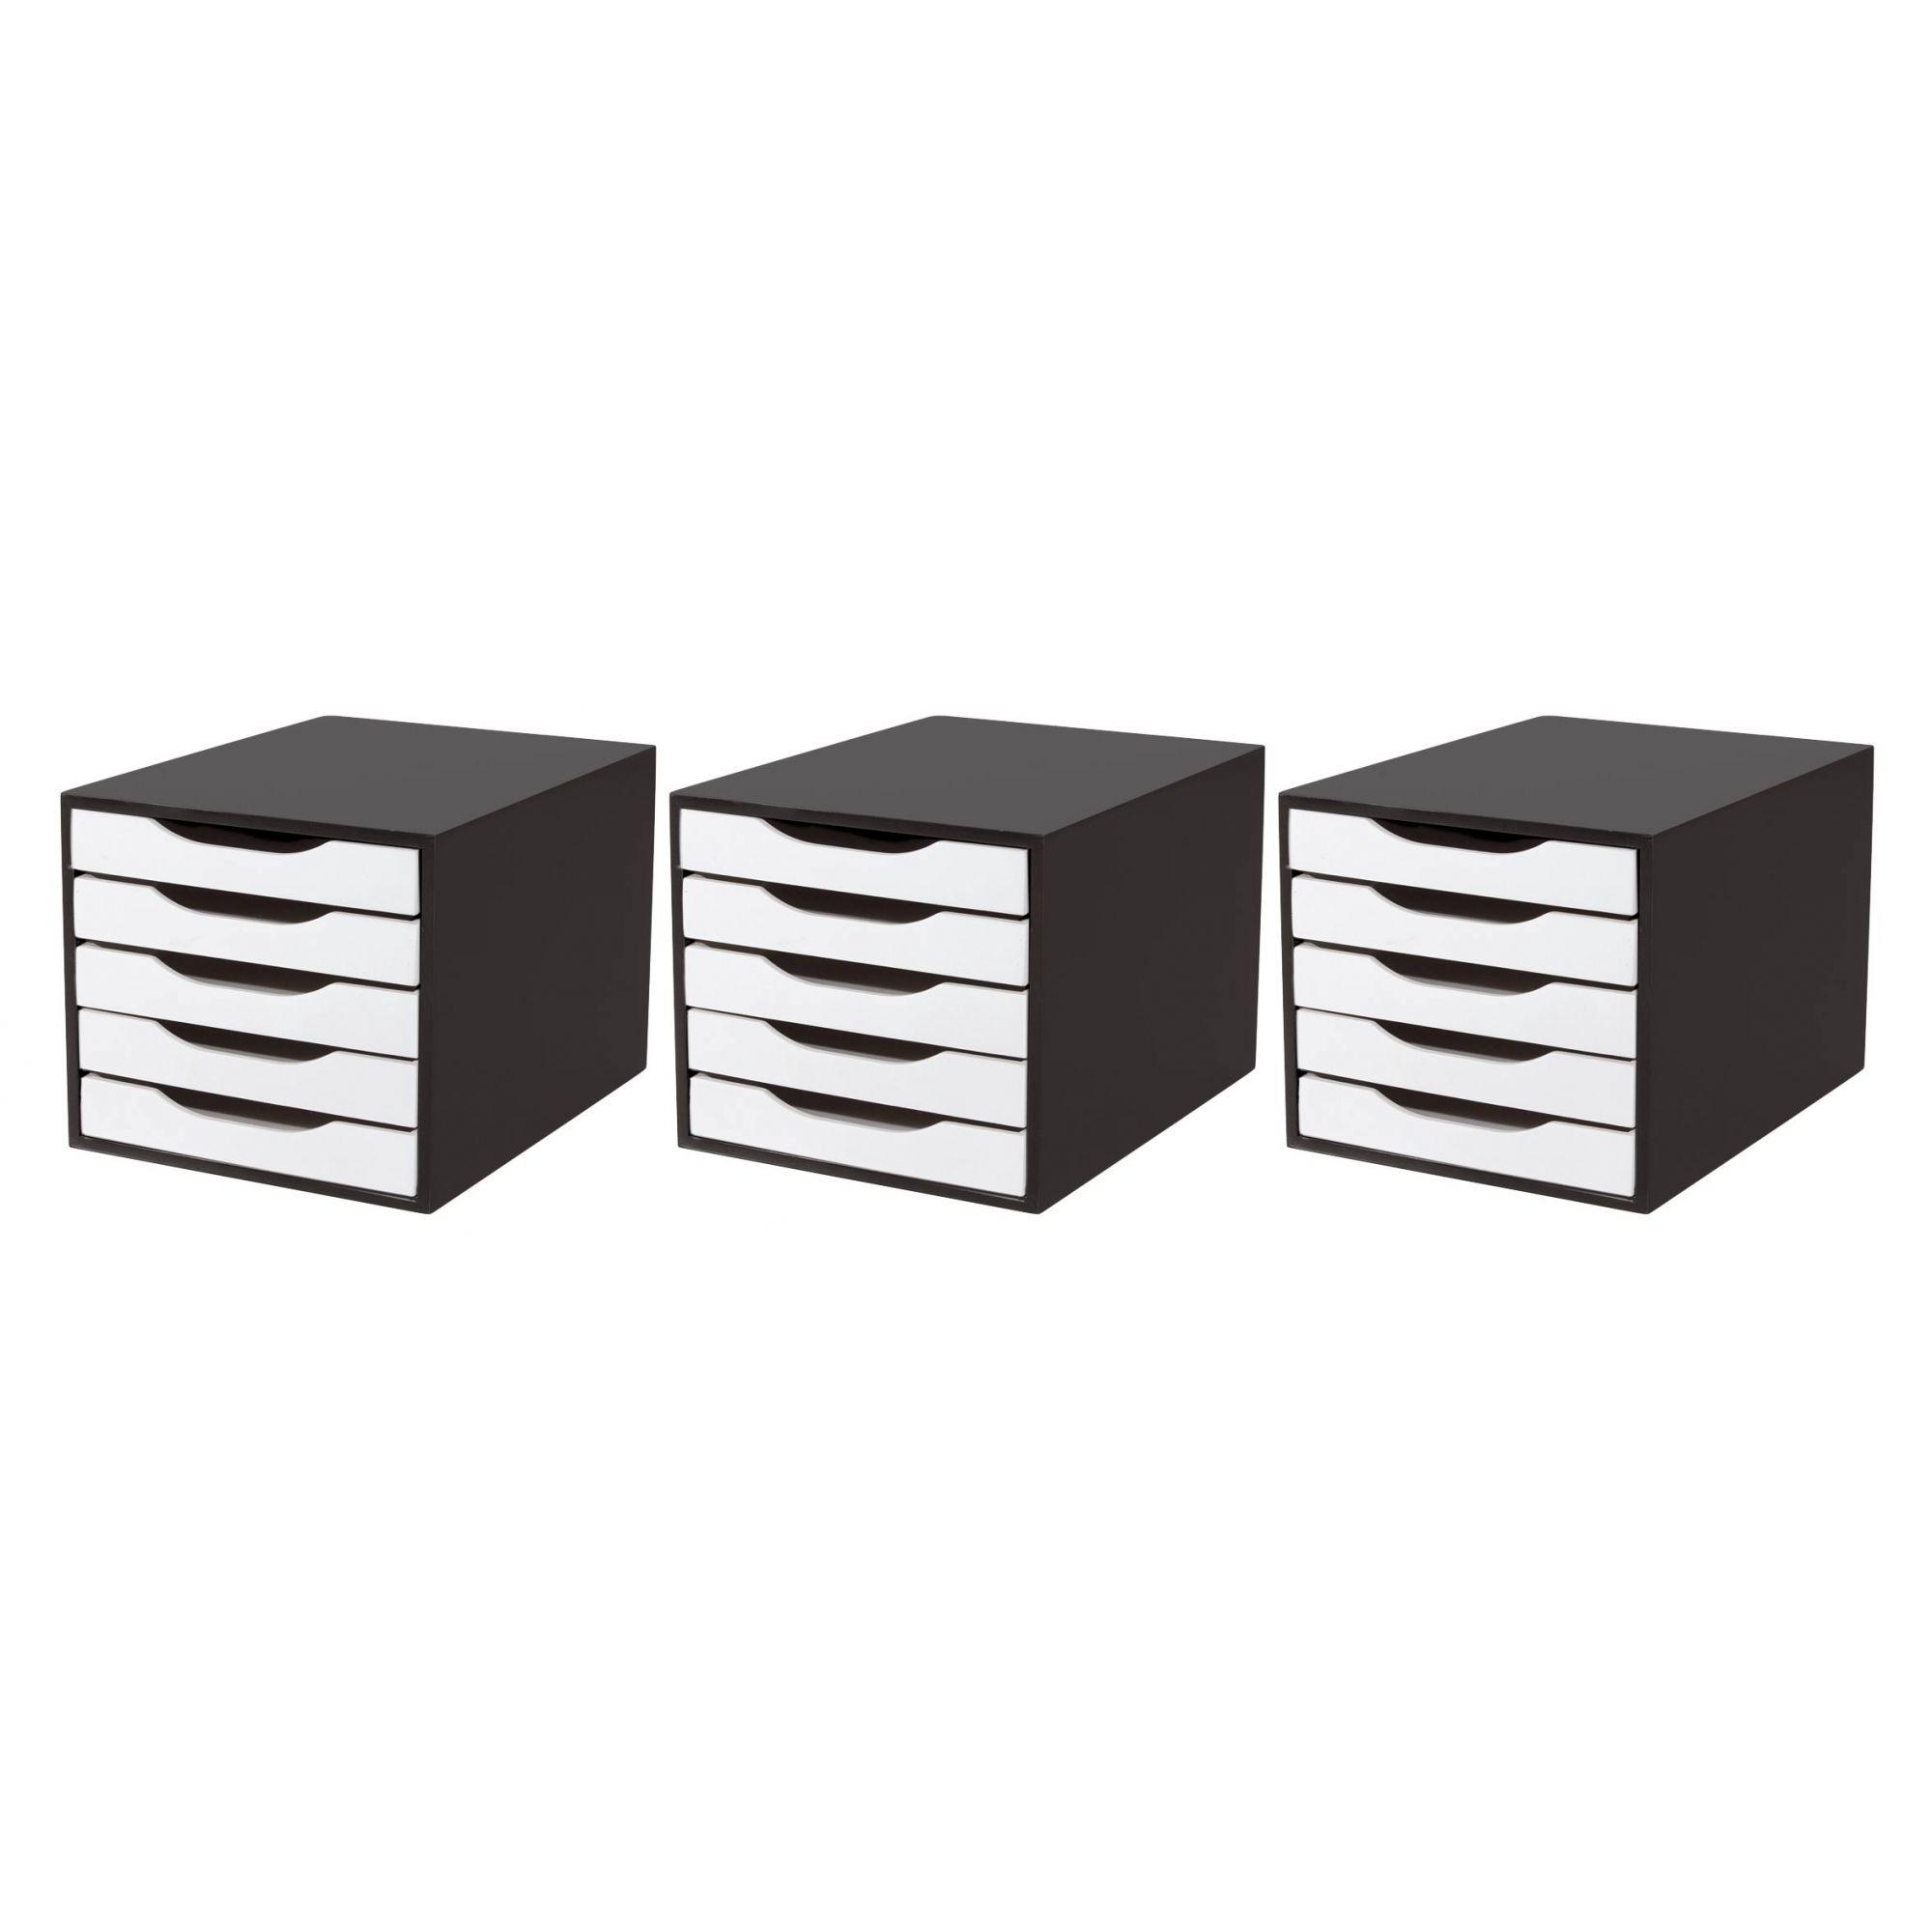 CONJ 3 Caixa Arquivo em MDF Black Piano com 5 Gavetas Brancas Souza Referência 3339